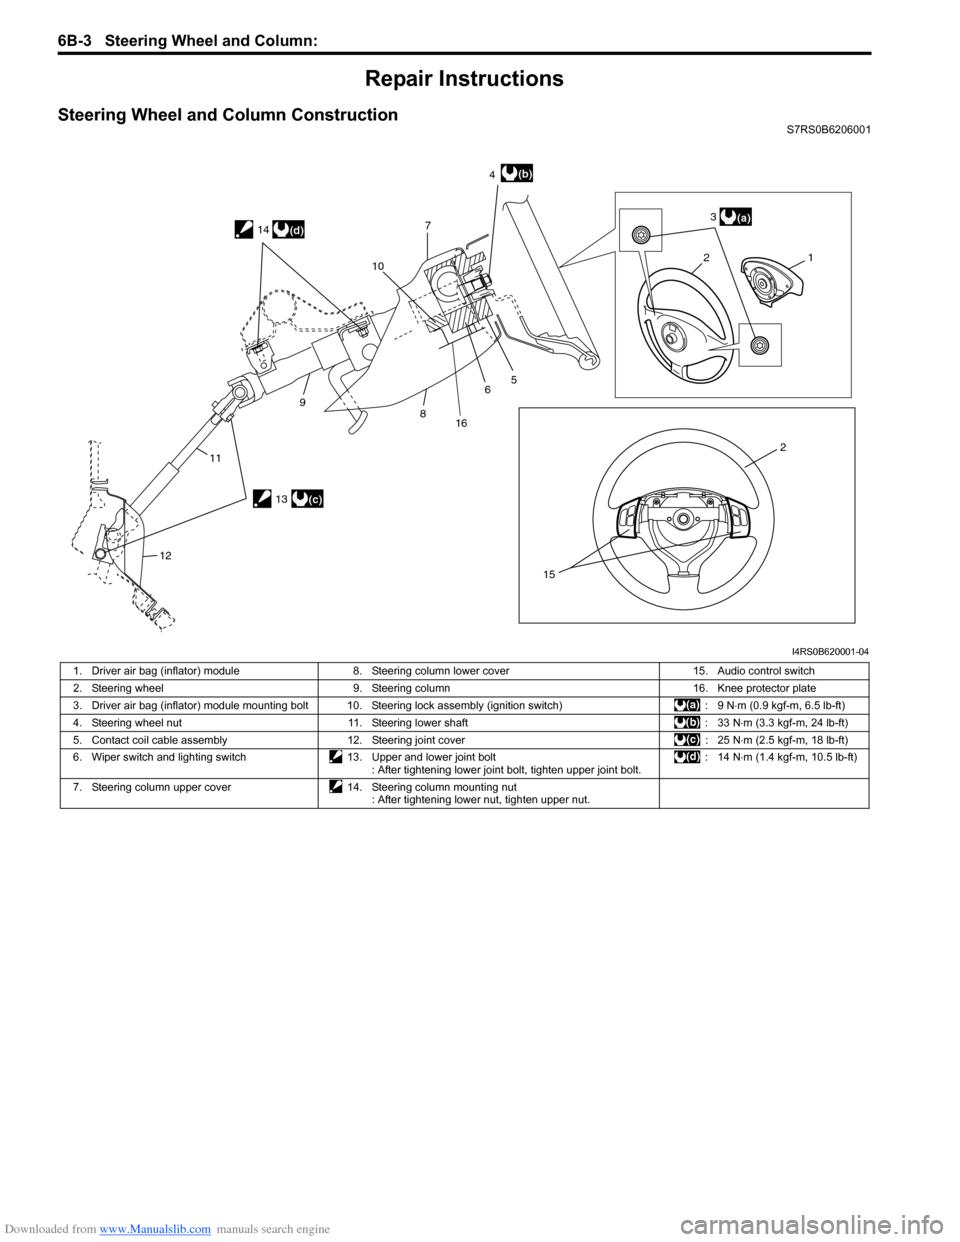 SUZUKI SWIFT 2008 2.G Service Workshop Manual (1496 Pages